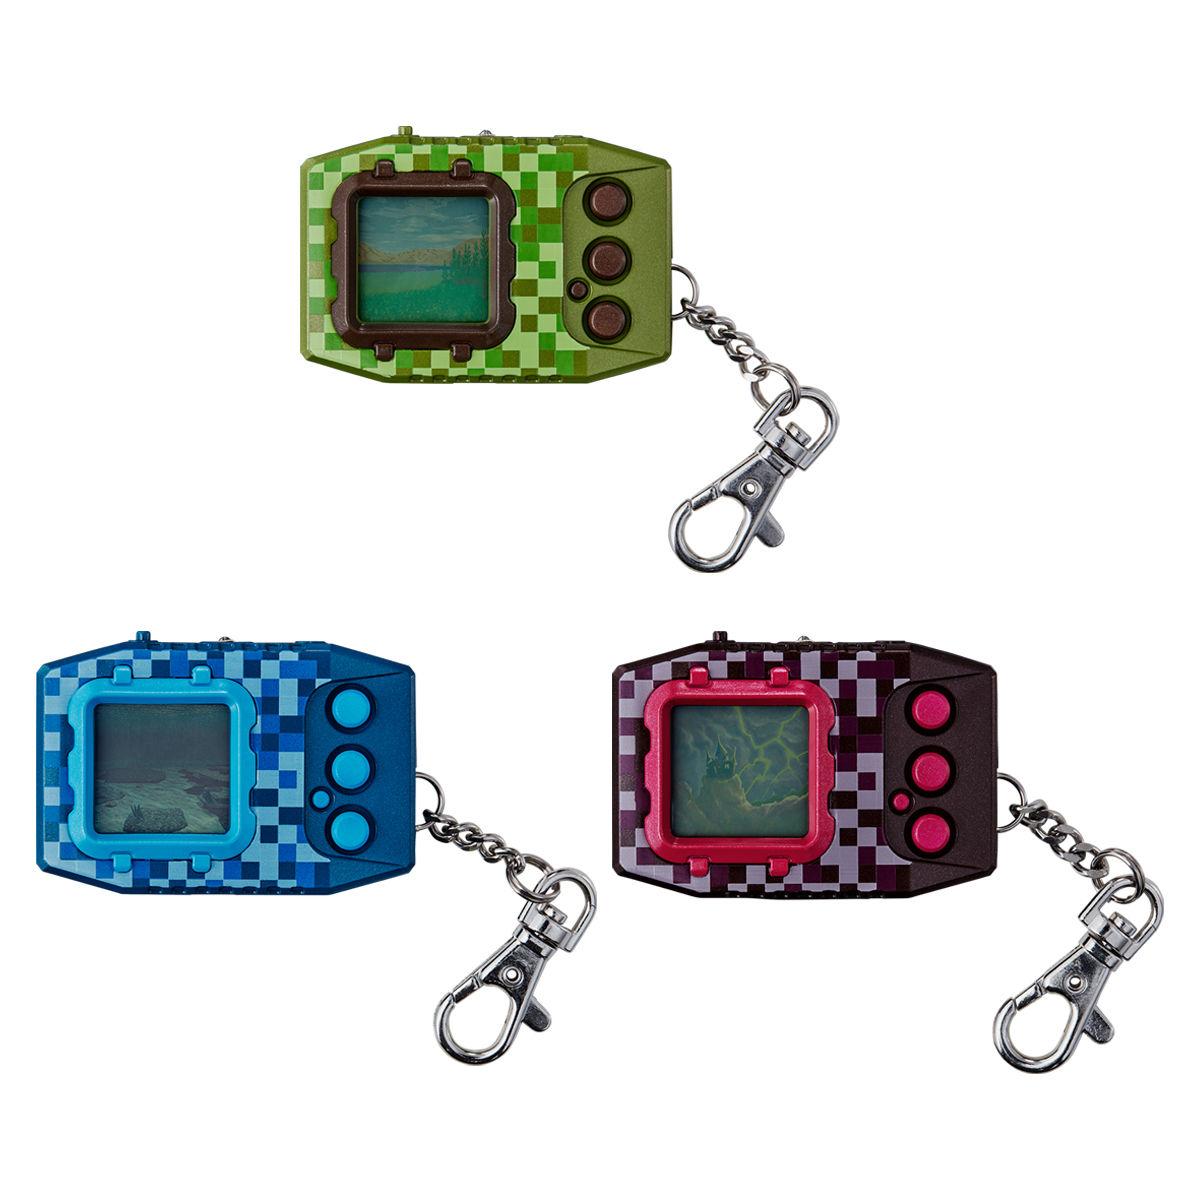 【限定販売】デジタルモンスター『デジモンペンデュラムZ』携帯型液晶育成ゲーム-006